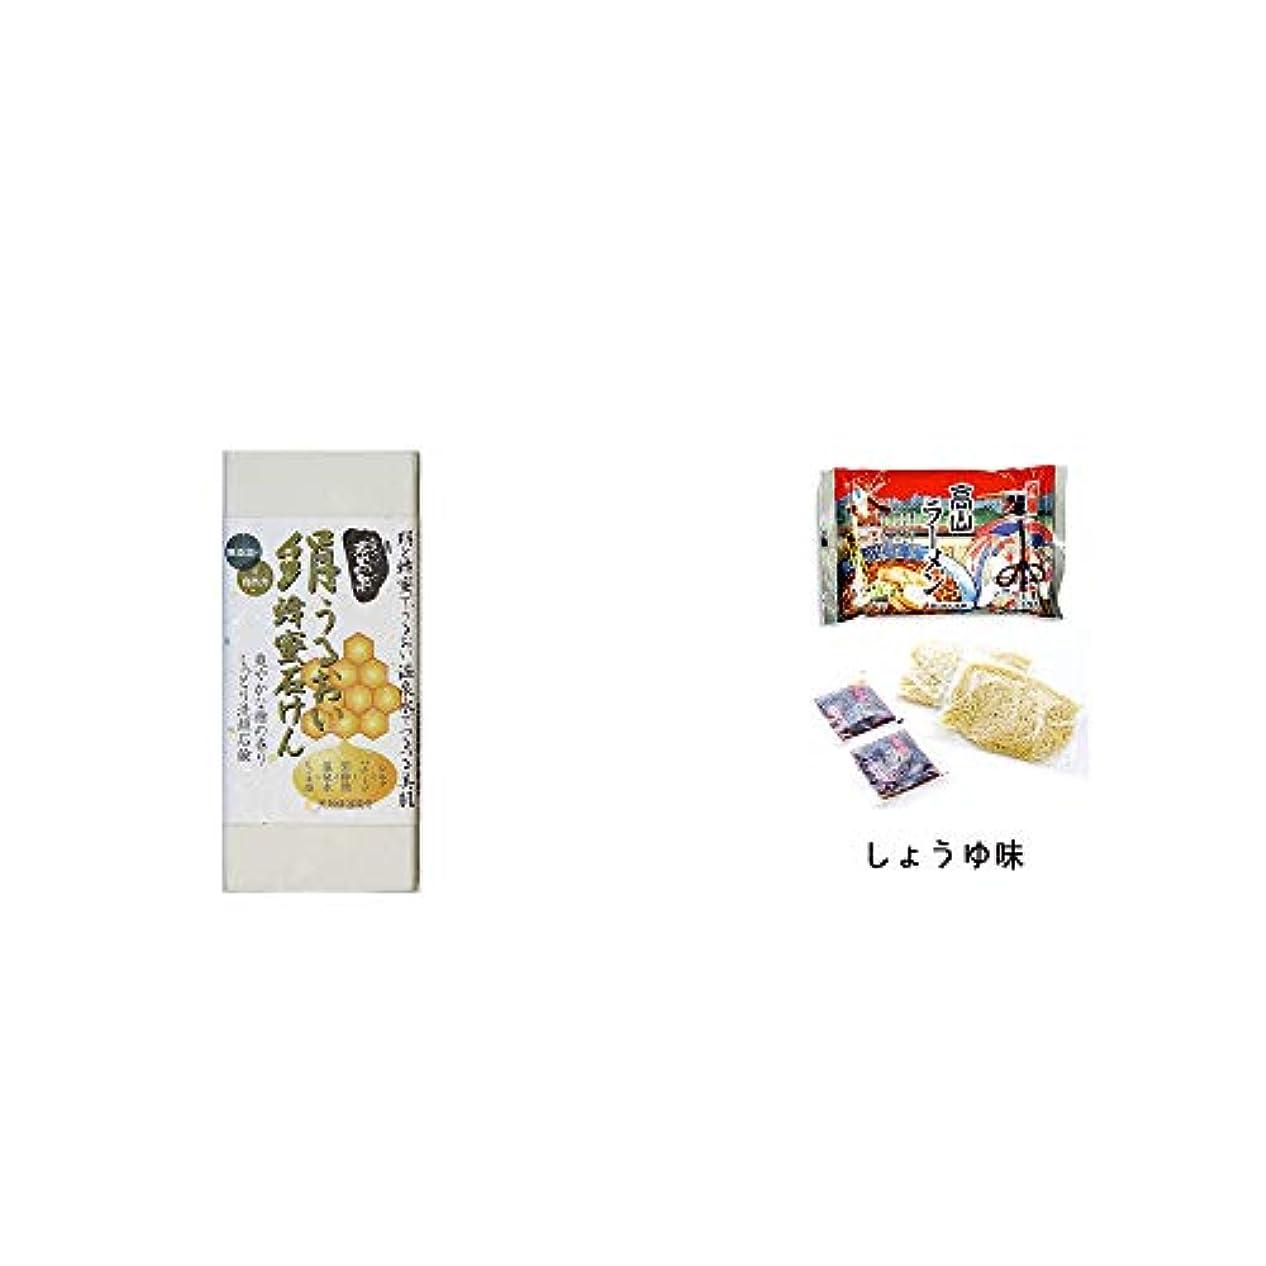 ポスターモールス信号従者[2点セット] ひのき炭黒泉 絹うるおい蜂蜜石けん(75g×2)?飛騨高山ラーメン[生麺?スープ付 (しょうゆ味)]